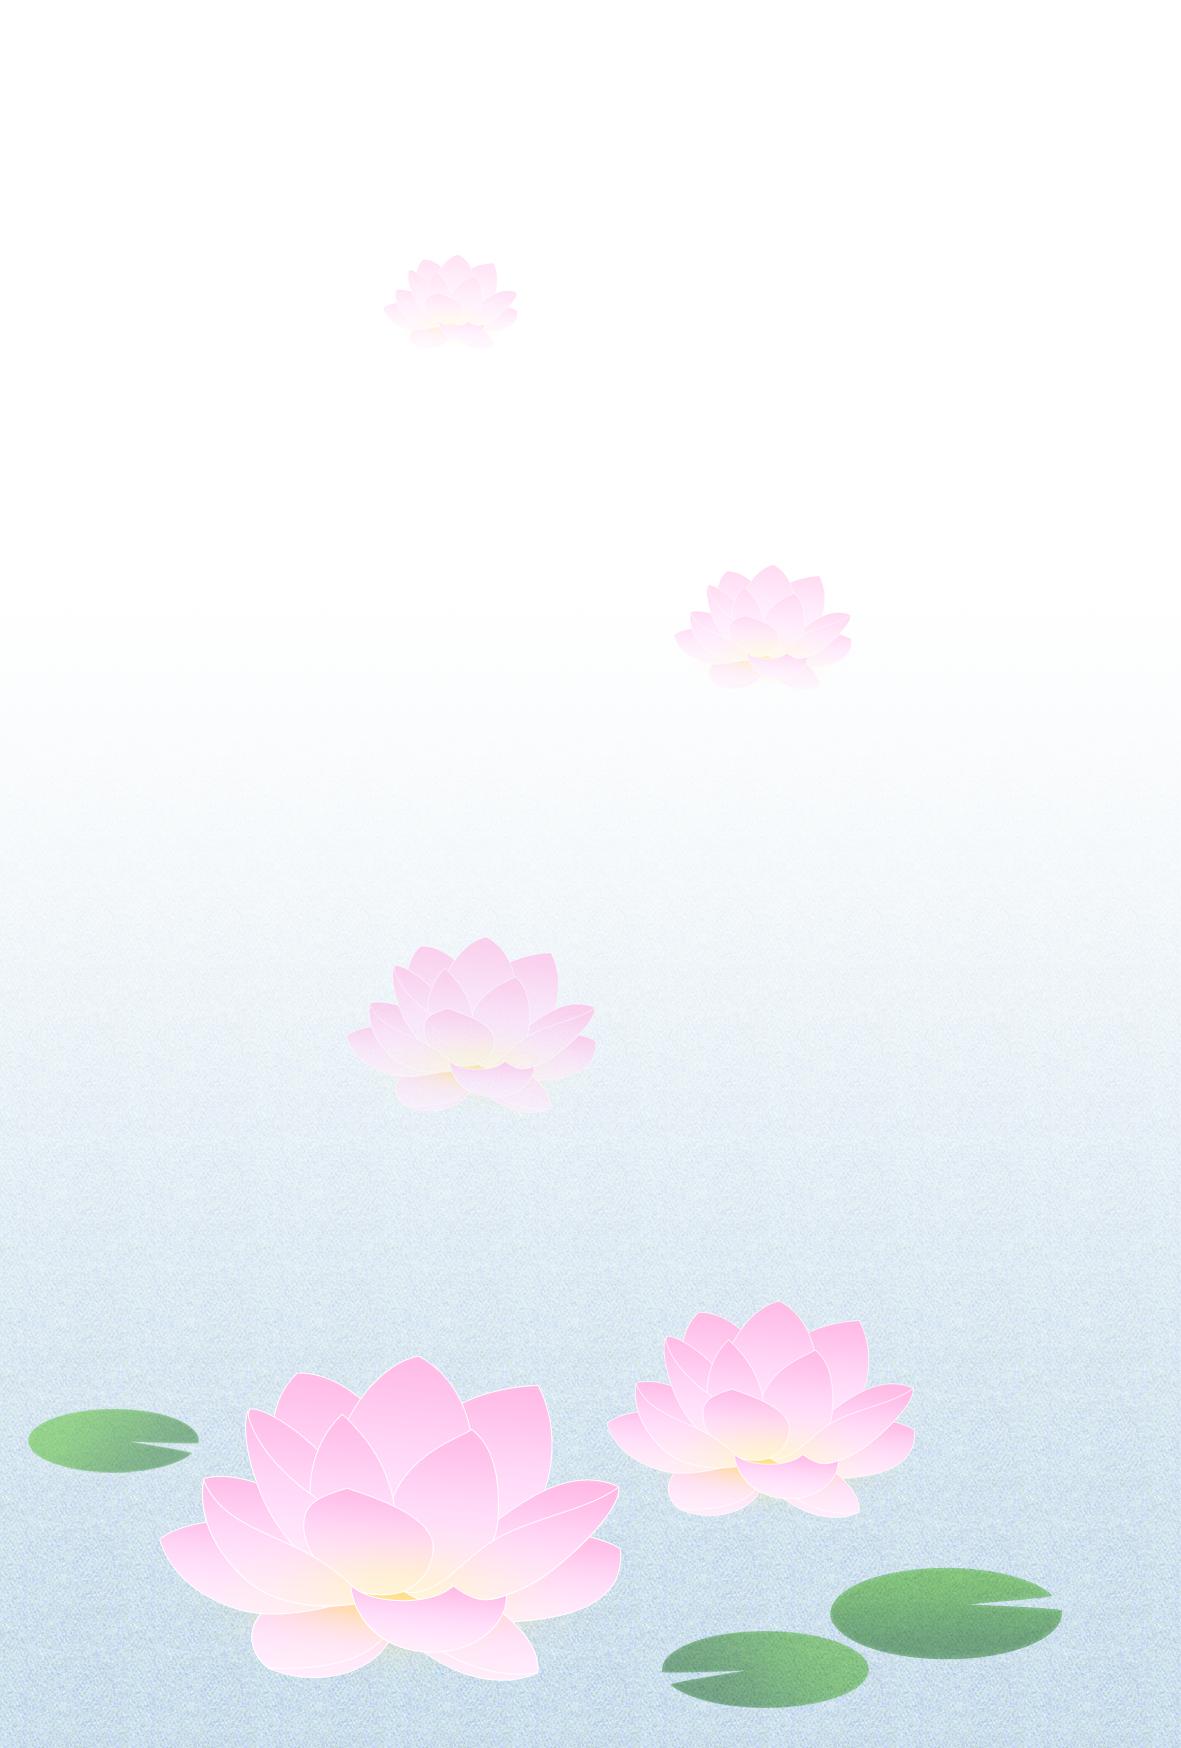 睡蓮 花 mp3 ダウンロード